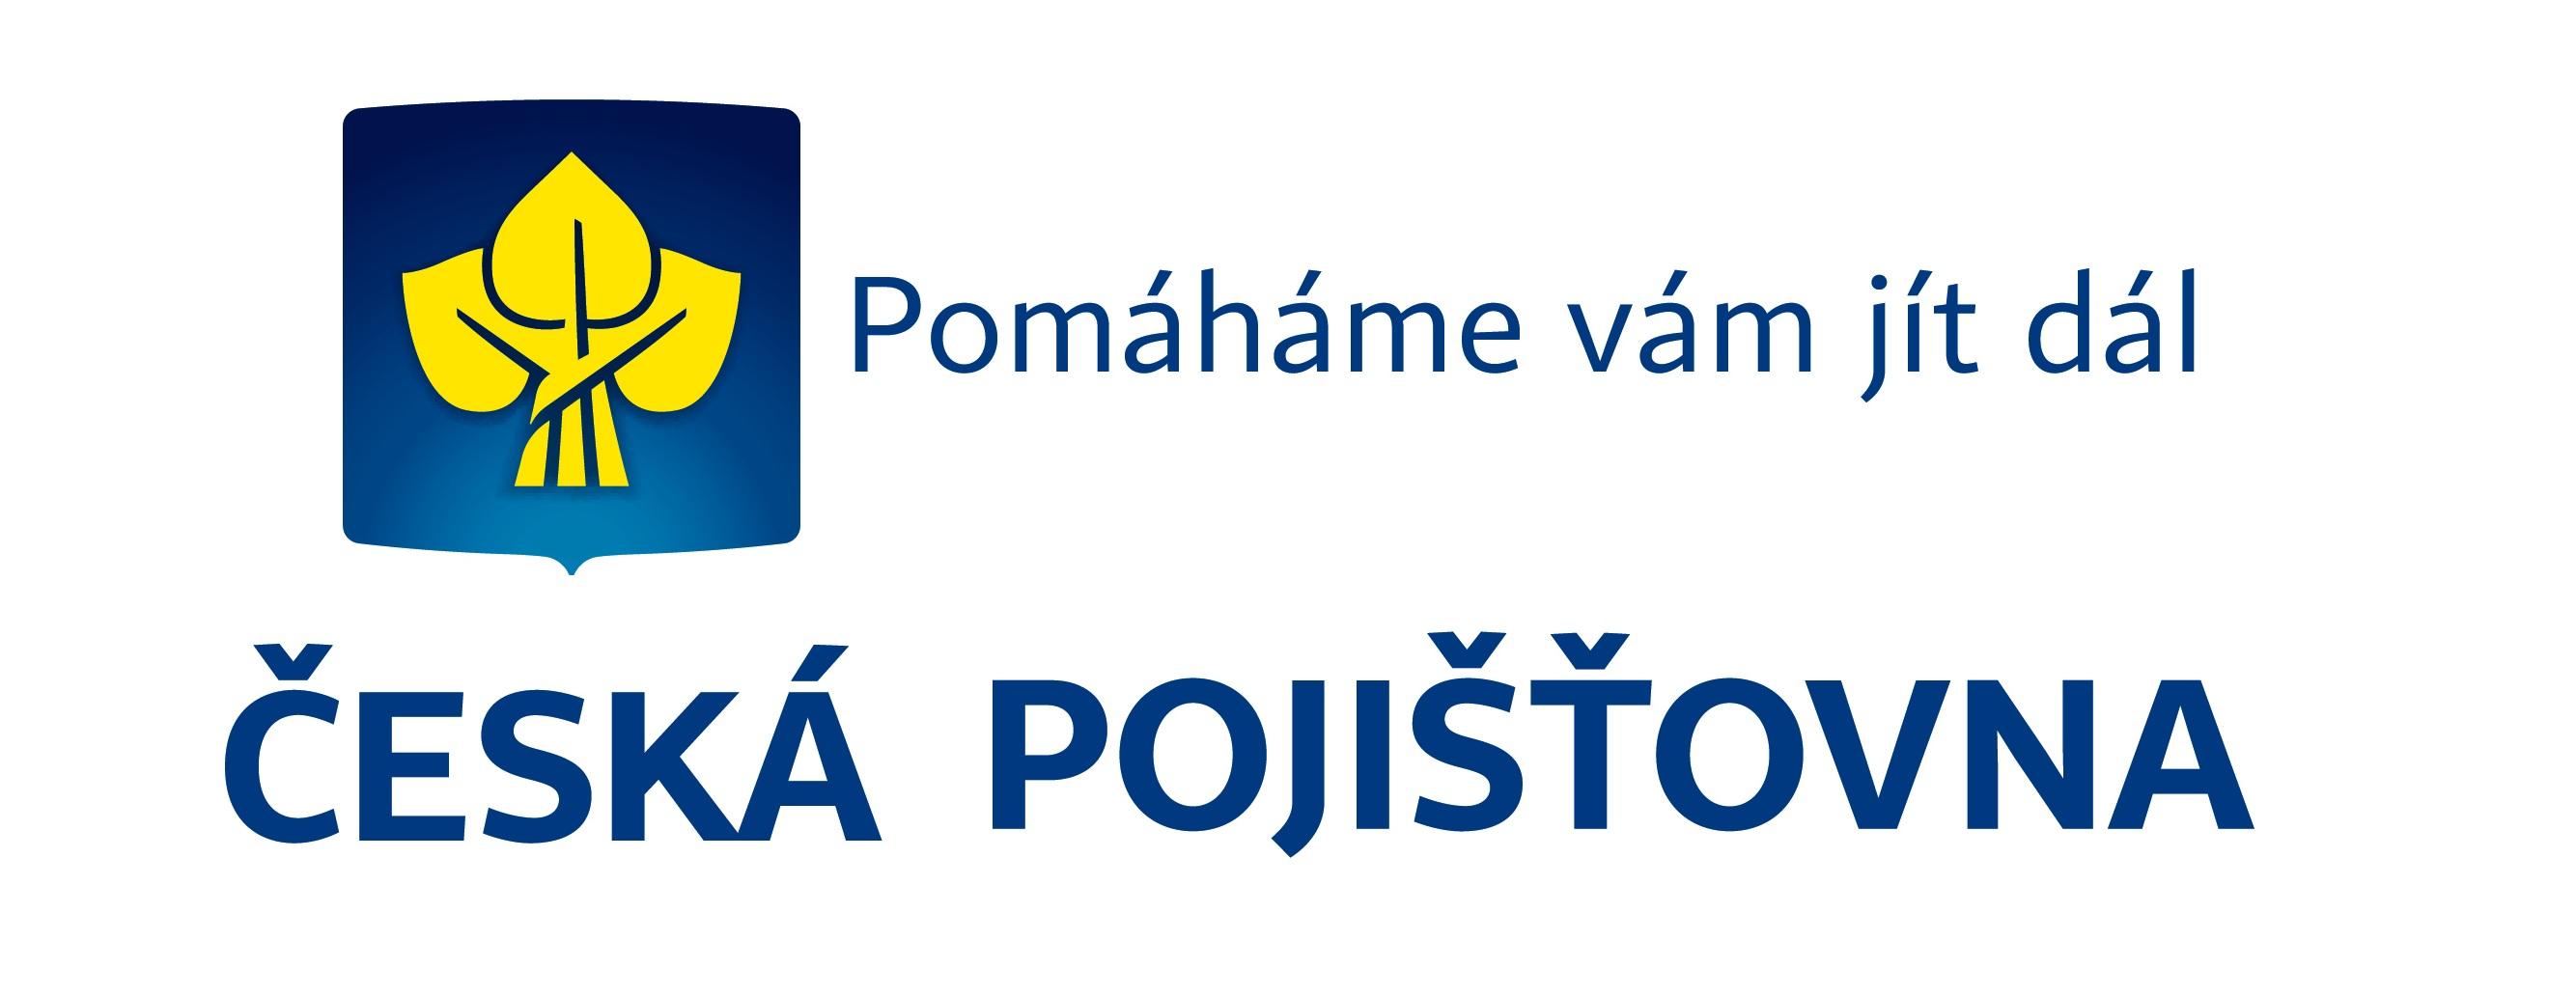 Povinné ručení u České pojišťovny – recenze, diskuze, zkušenosti